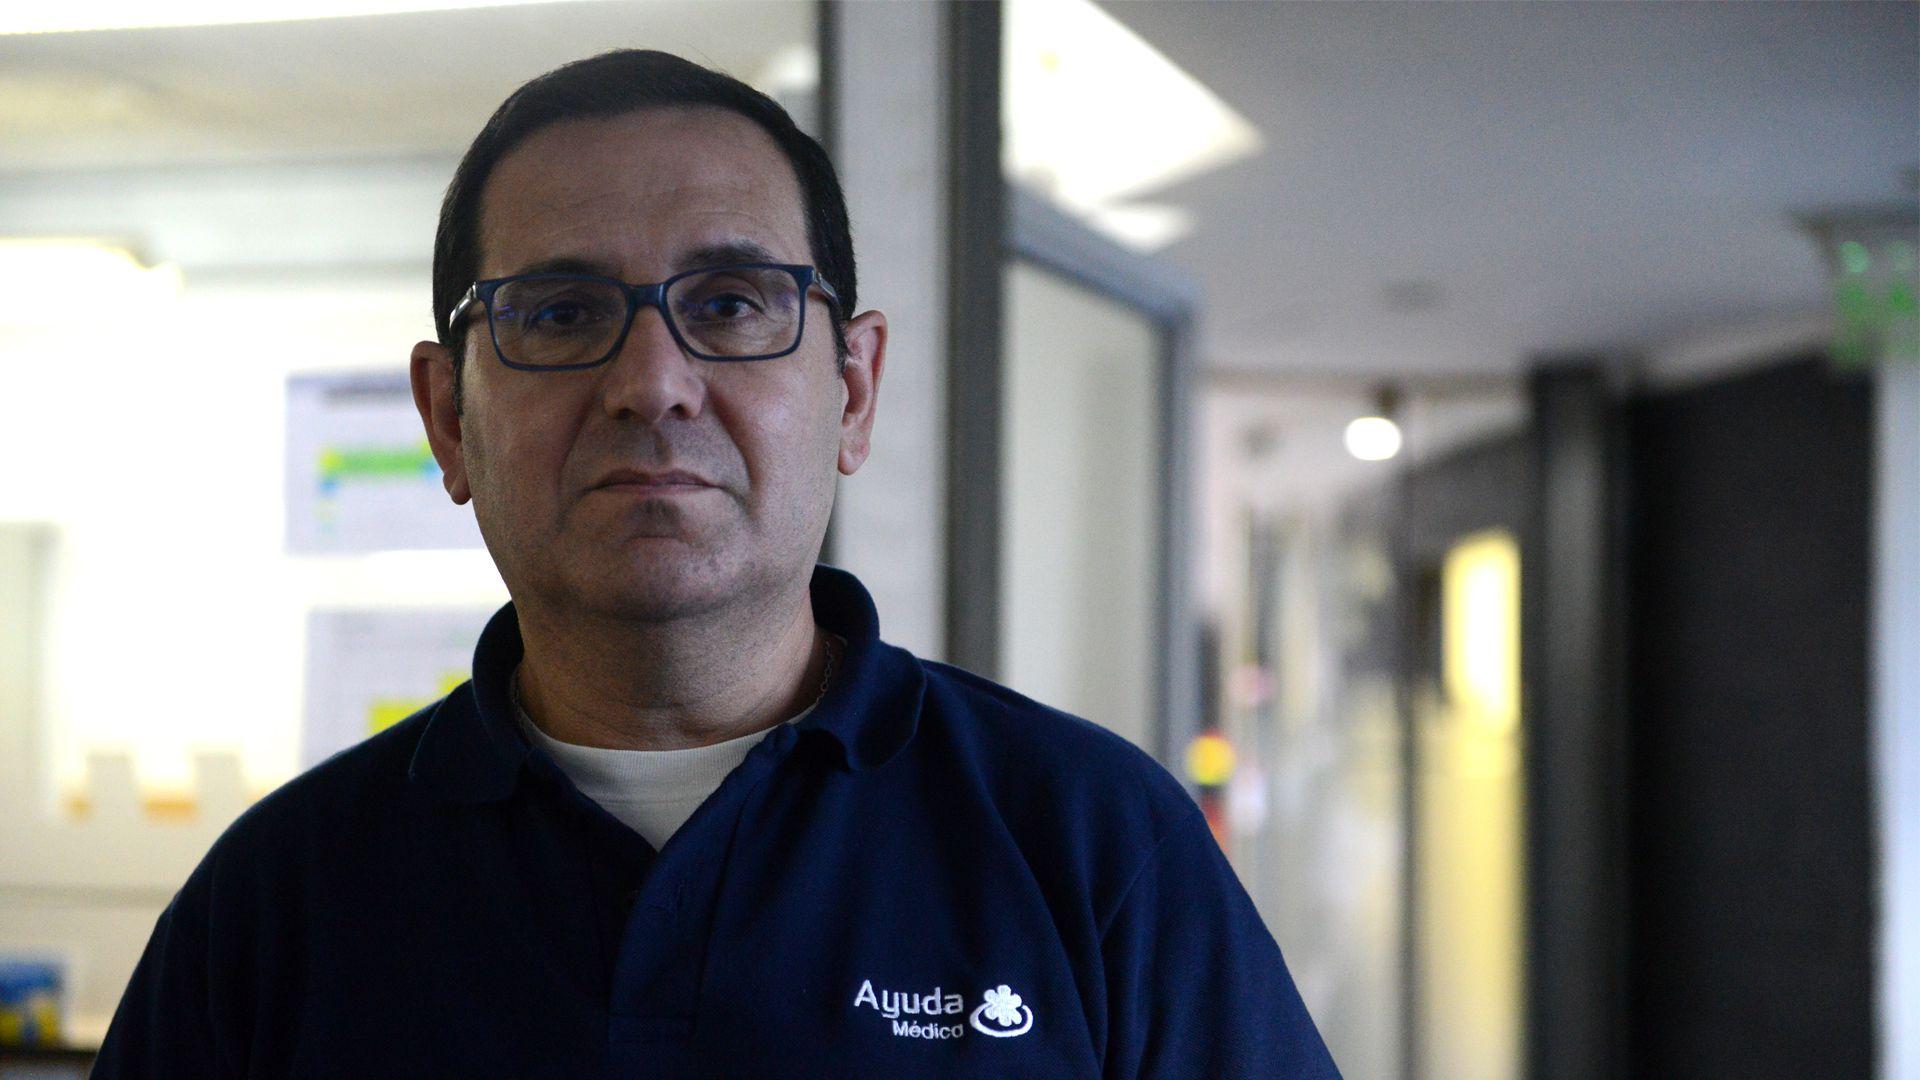 Leonardo Martínez, coordinador de instructores de Ayuda Médica, sostiene que evitar el sedentarismo es clave para mantenerse prevenido. Foto: Fernando Calzada.